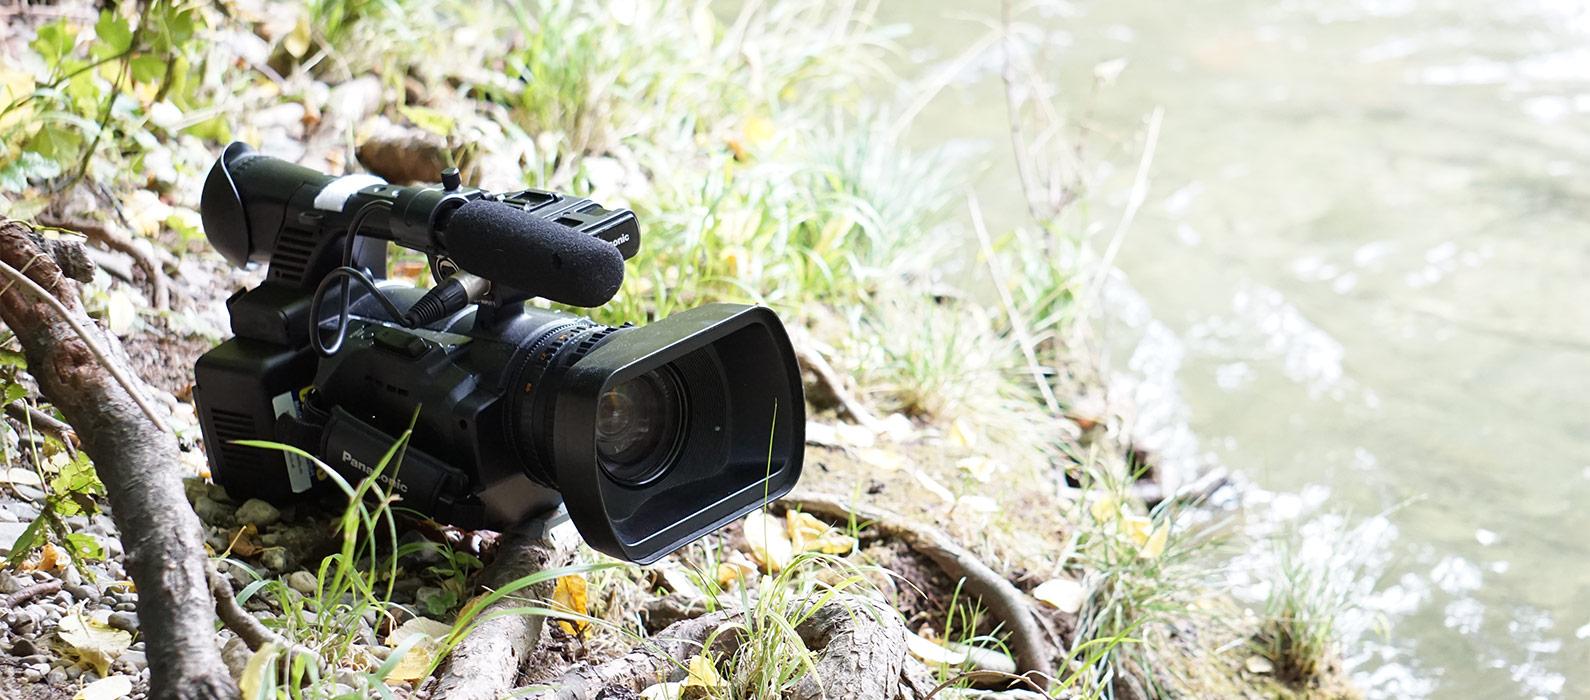 Hier ist eine Kamera auf einer Wiese zu sehen. Die schwarze Kamera ist nicht ganz auf dem Bild. Sie ragt von links schräg nach vorne ins Bild. Rundherum befinden sich einige Äste, Blätter und ansonsten ist eine Wiese zu sehen.